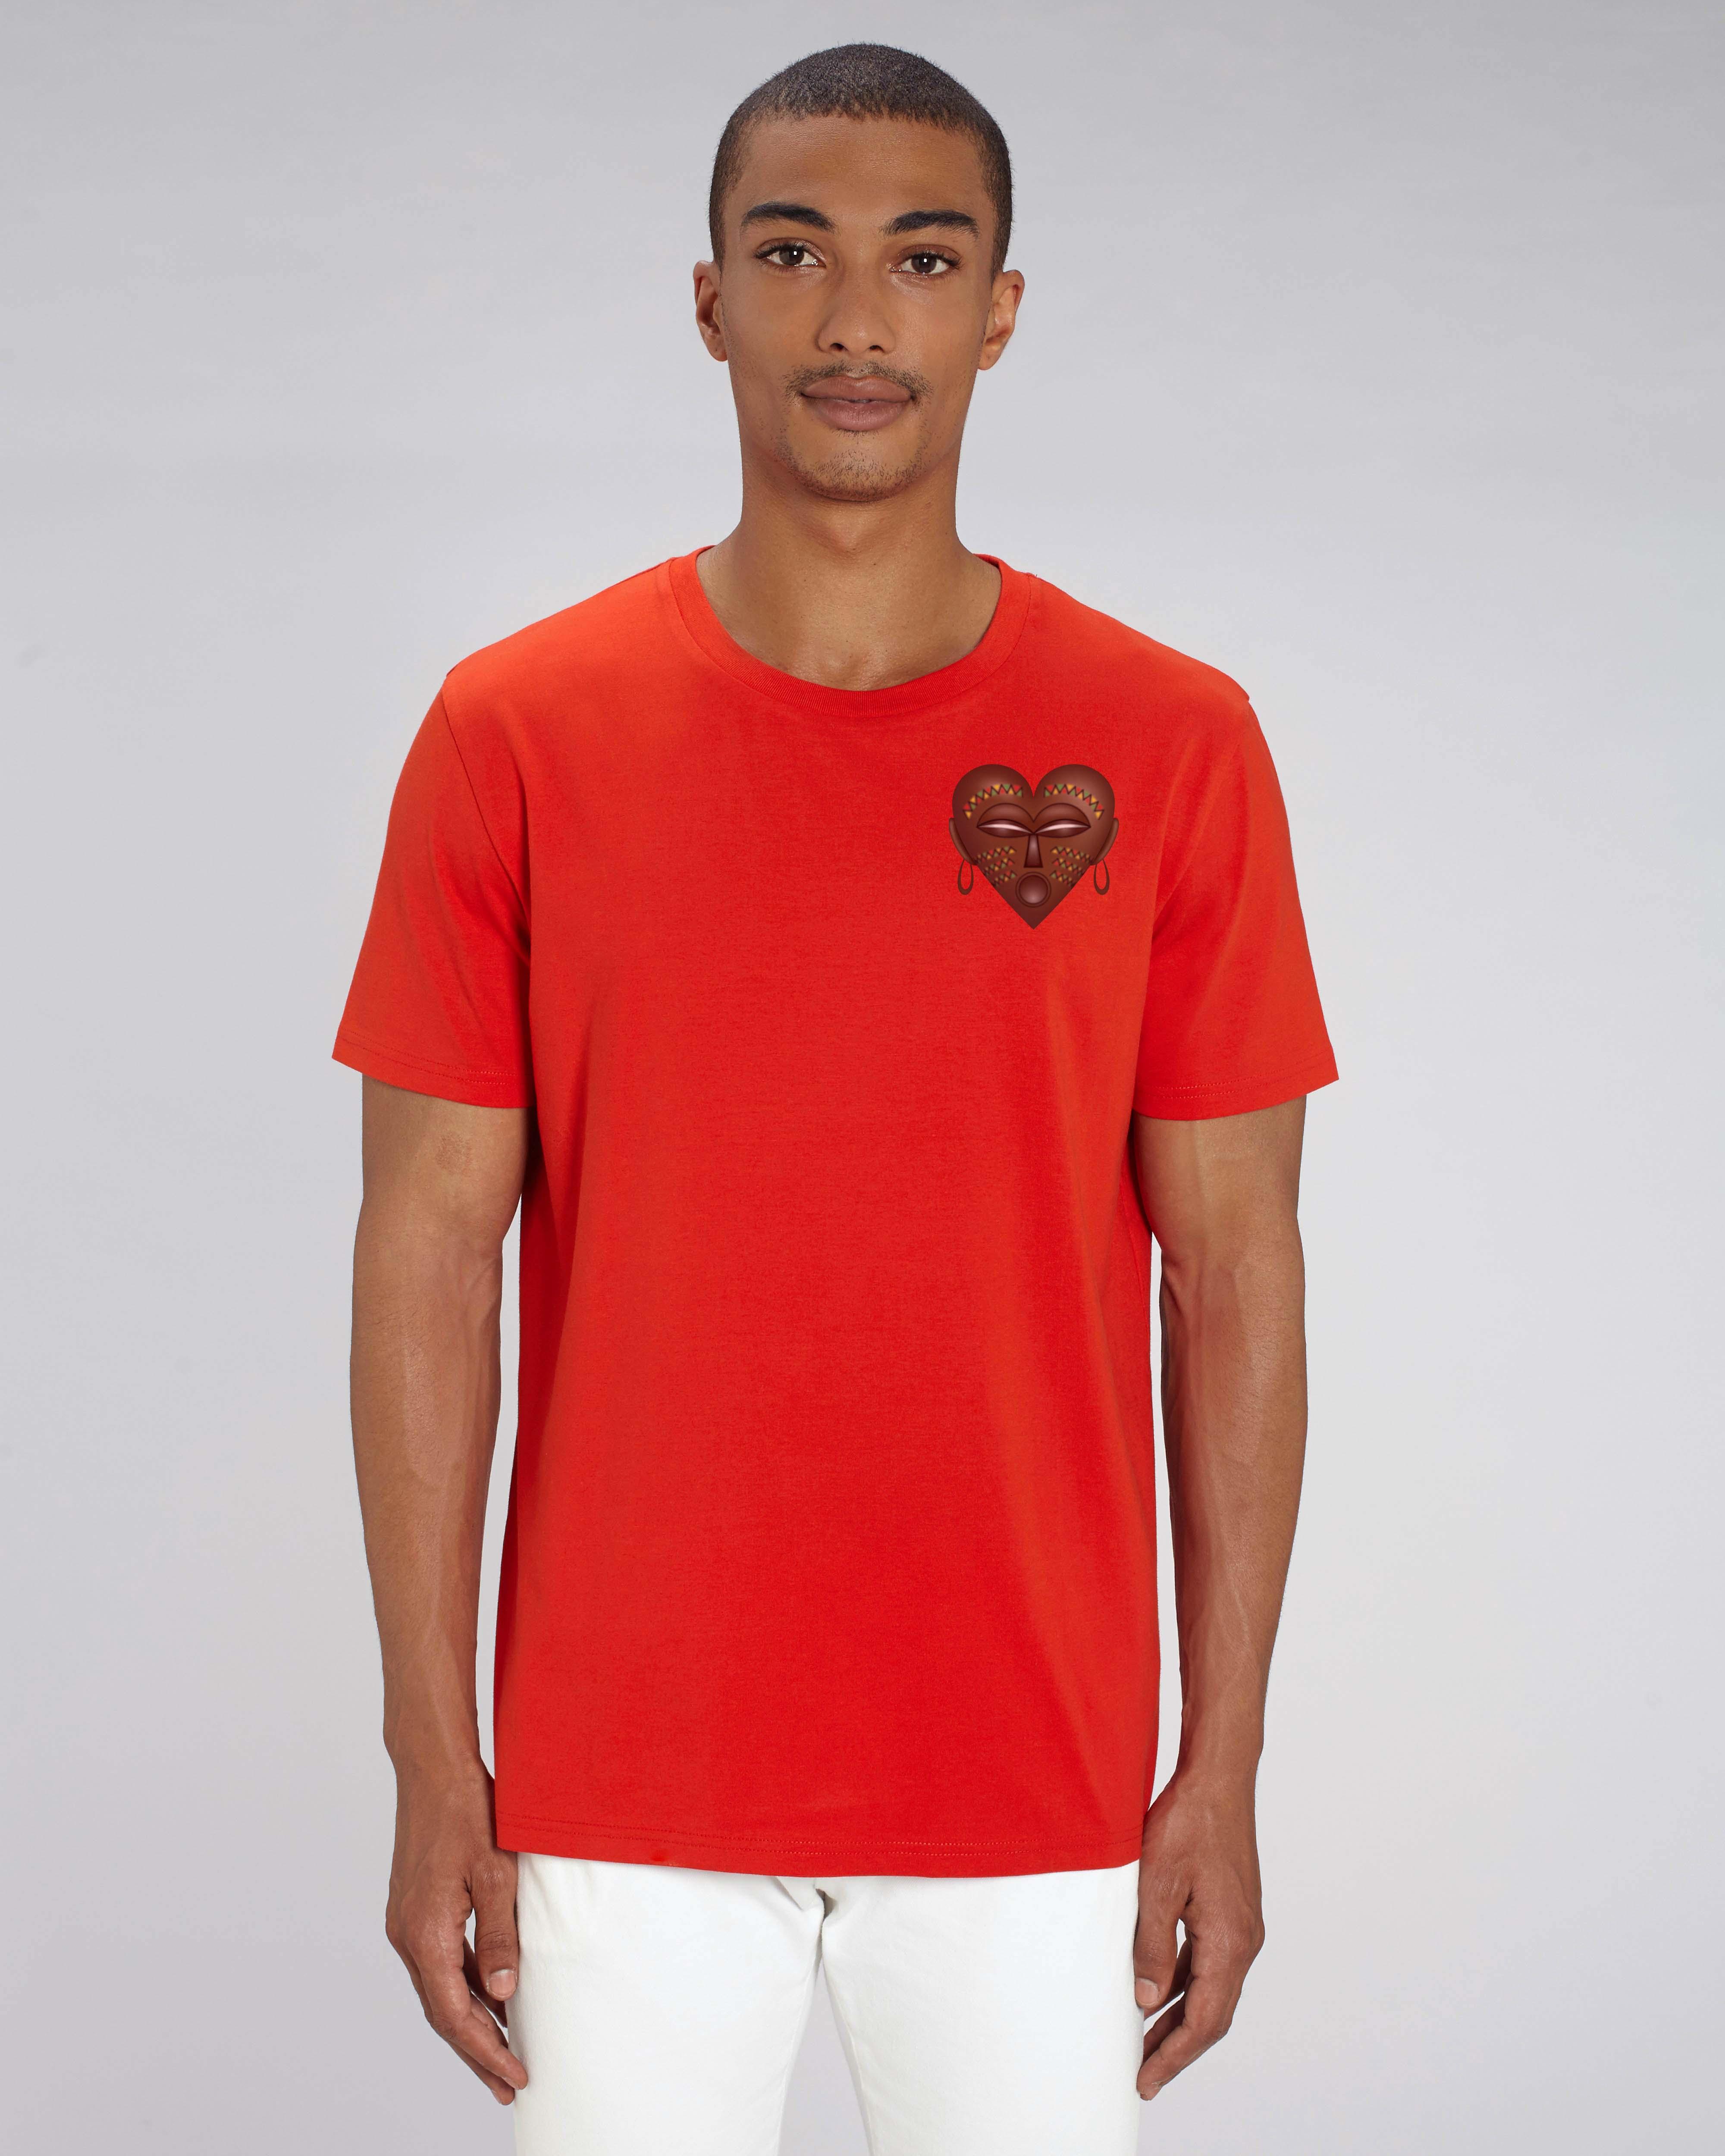 T-shirt orange Bio Homme - African Tee